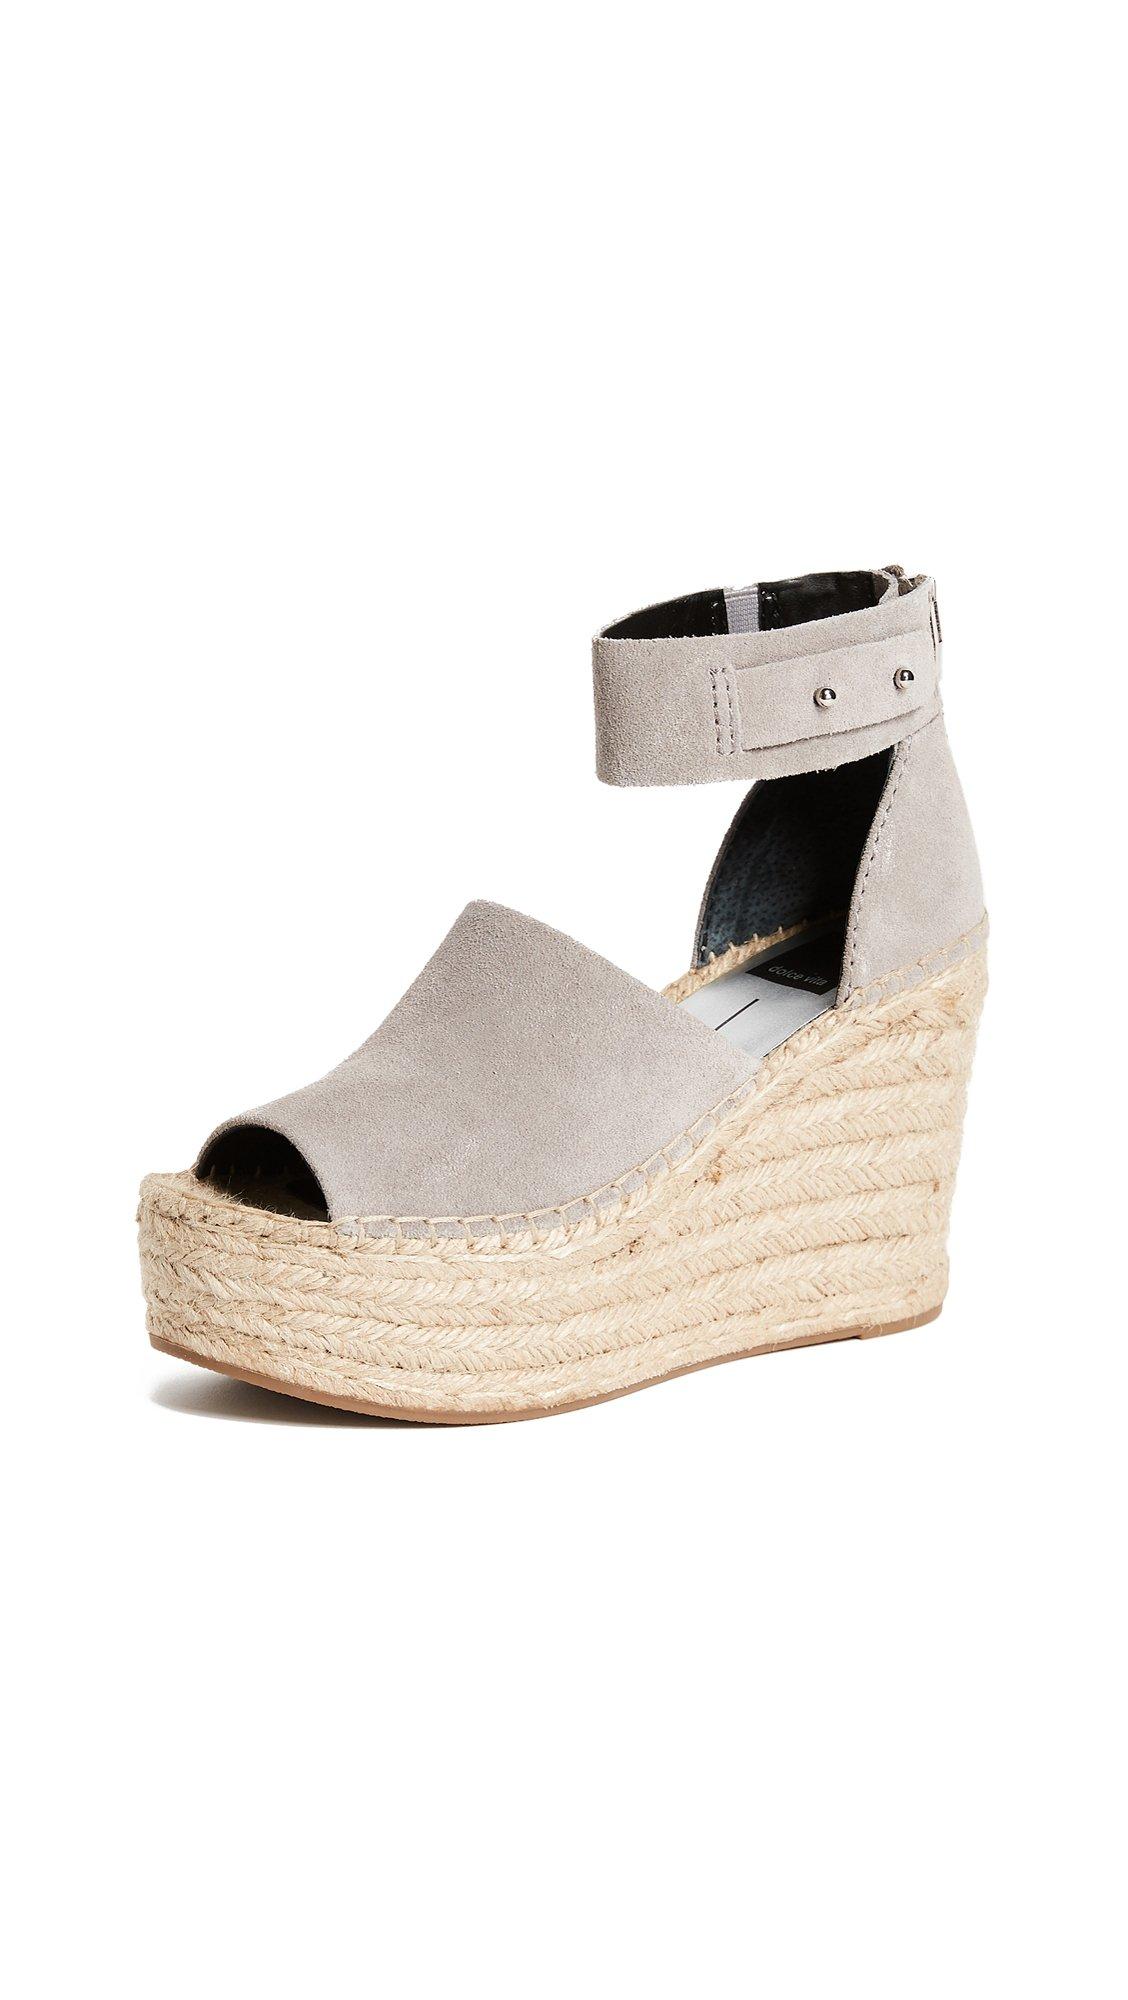 Dolce Vita Women's Straw Wedge Sandal, Smoke Suede, 9 Medium US